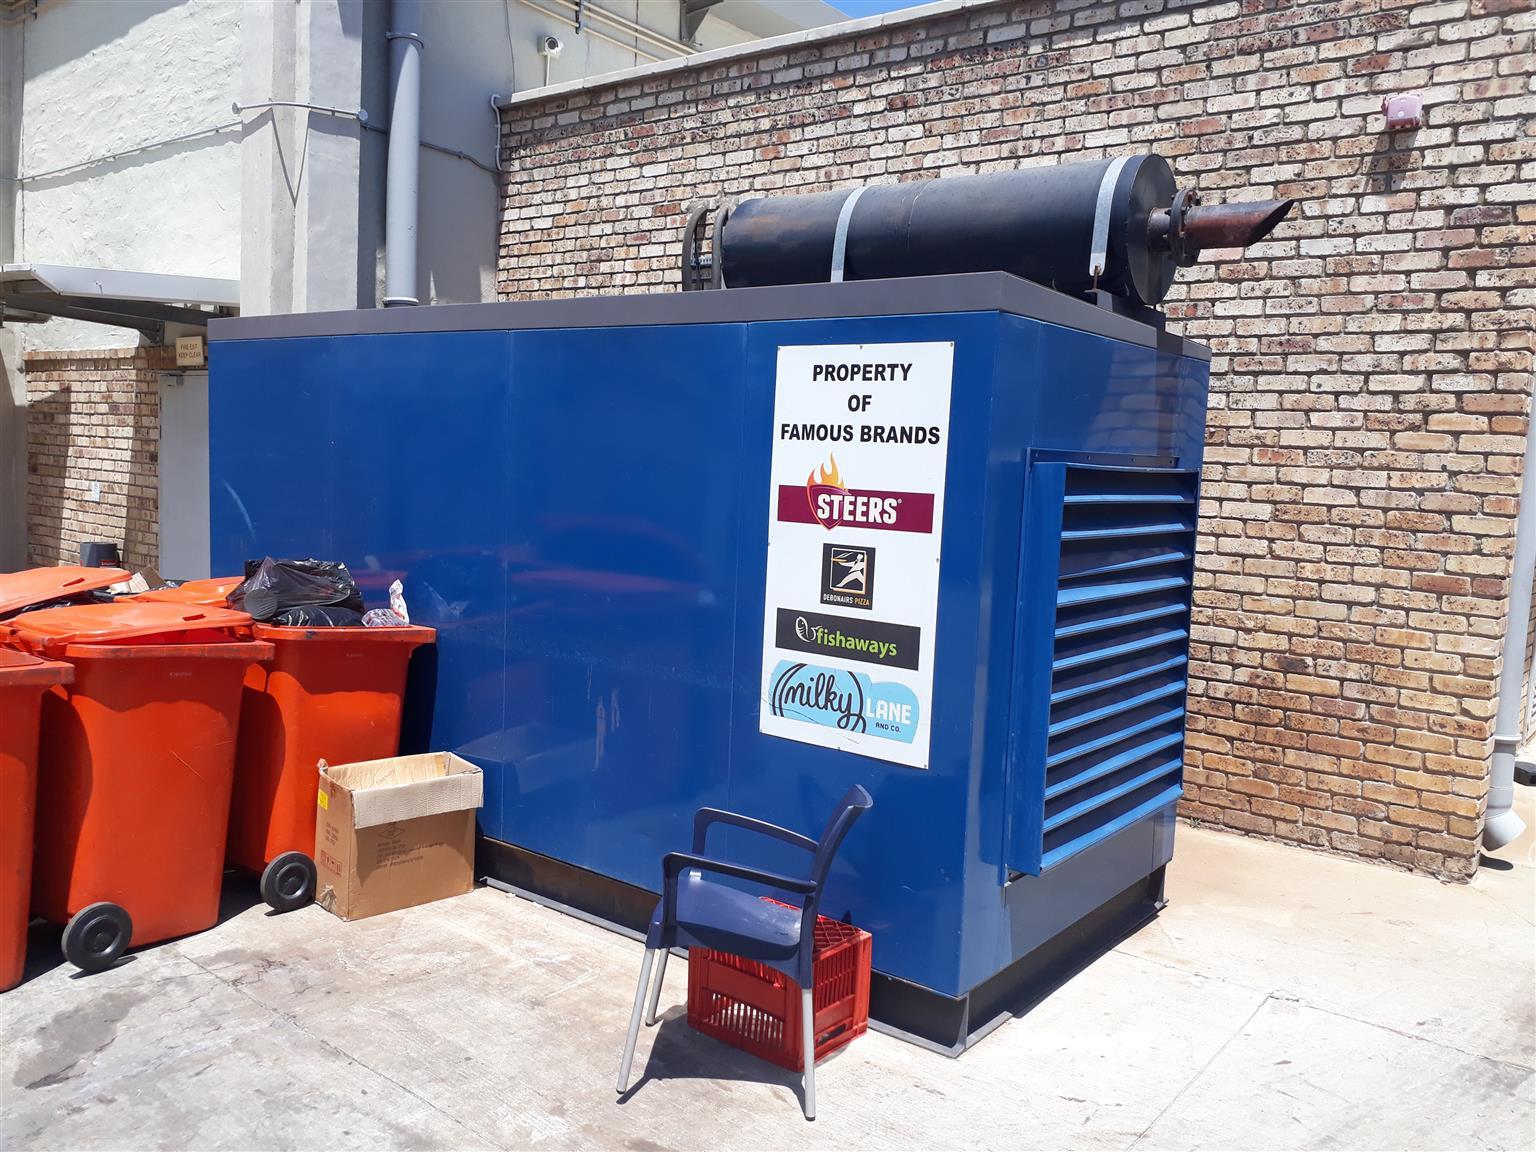 2 x Industrial Generators for sale